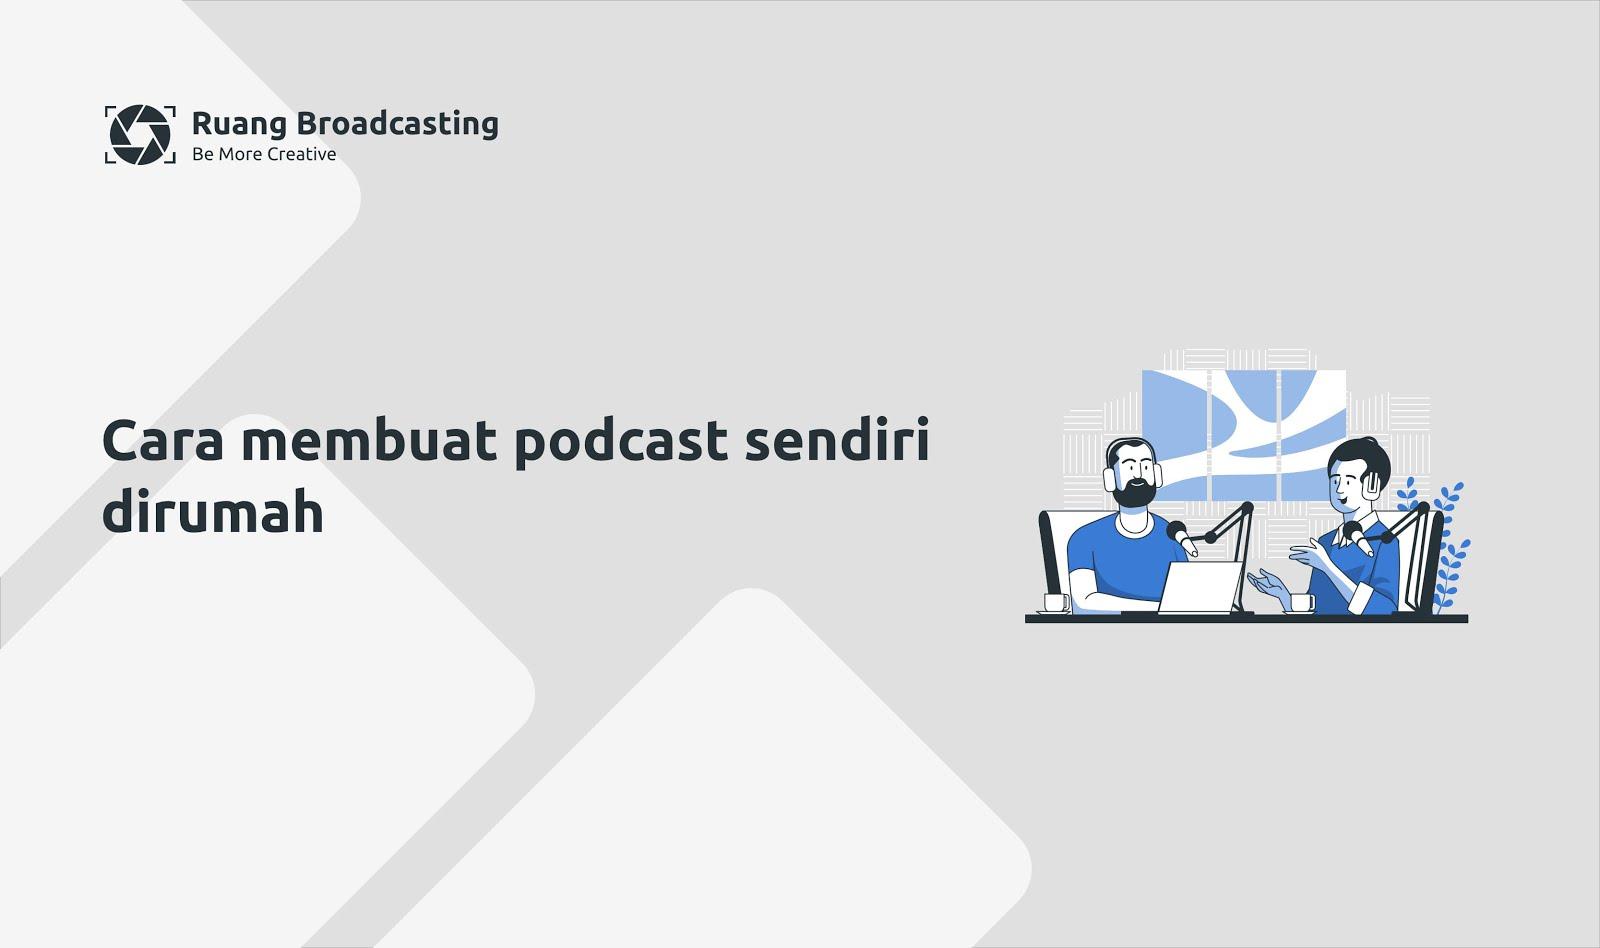 Cara membuat podcast sendiri dirumah